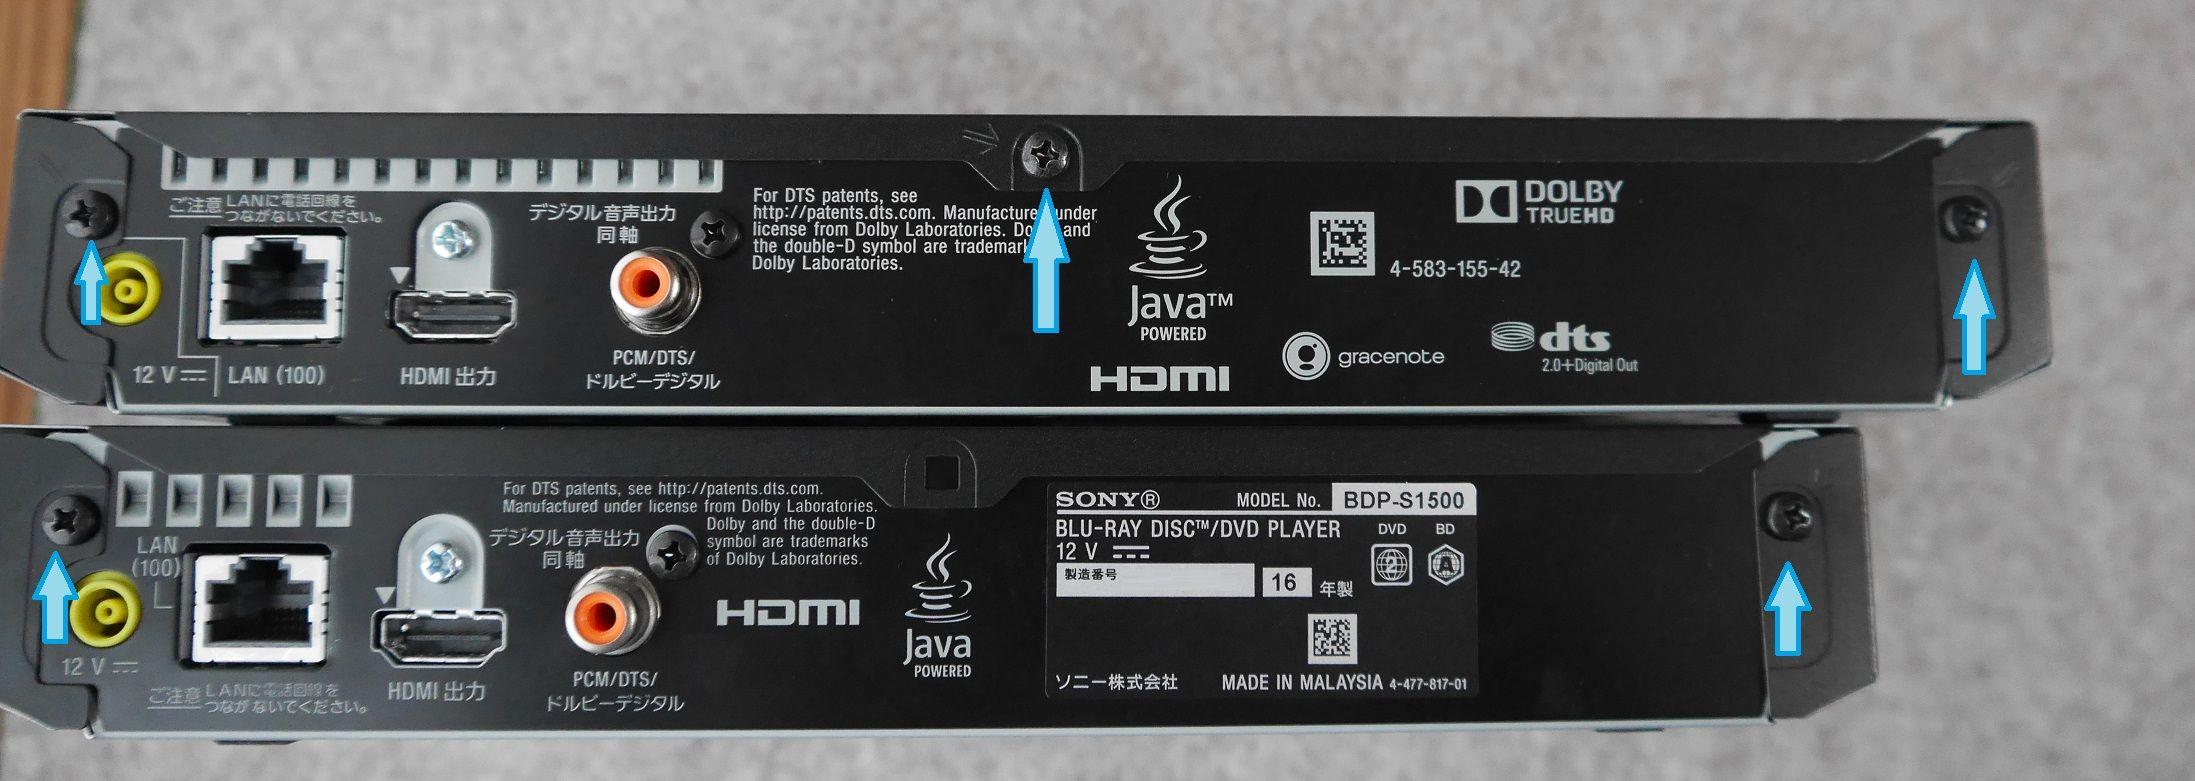 SONY BDプレーヤー BDP-S1500、BDP-S6500、BDP-S6700の分解とBDドライブ交換